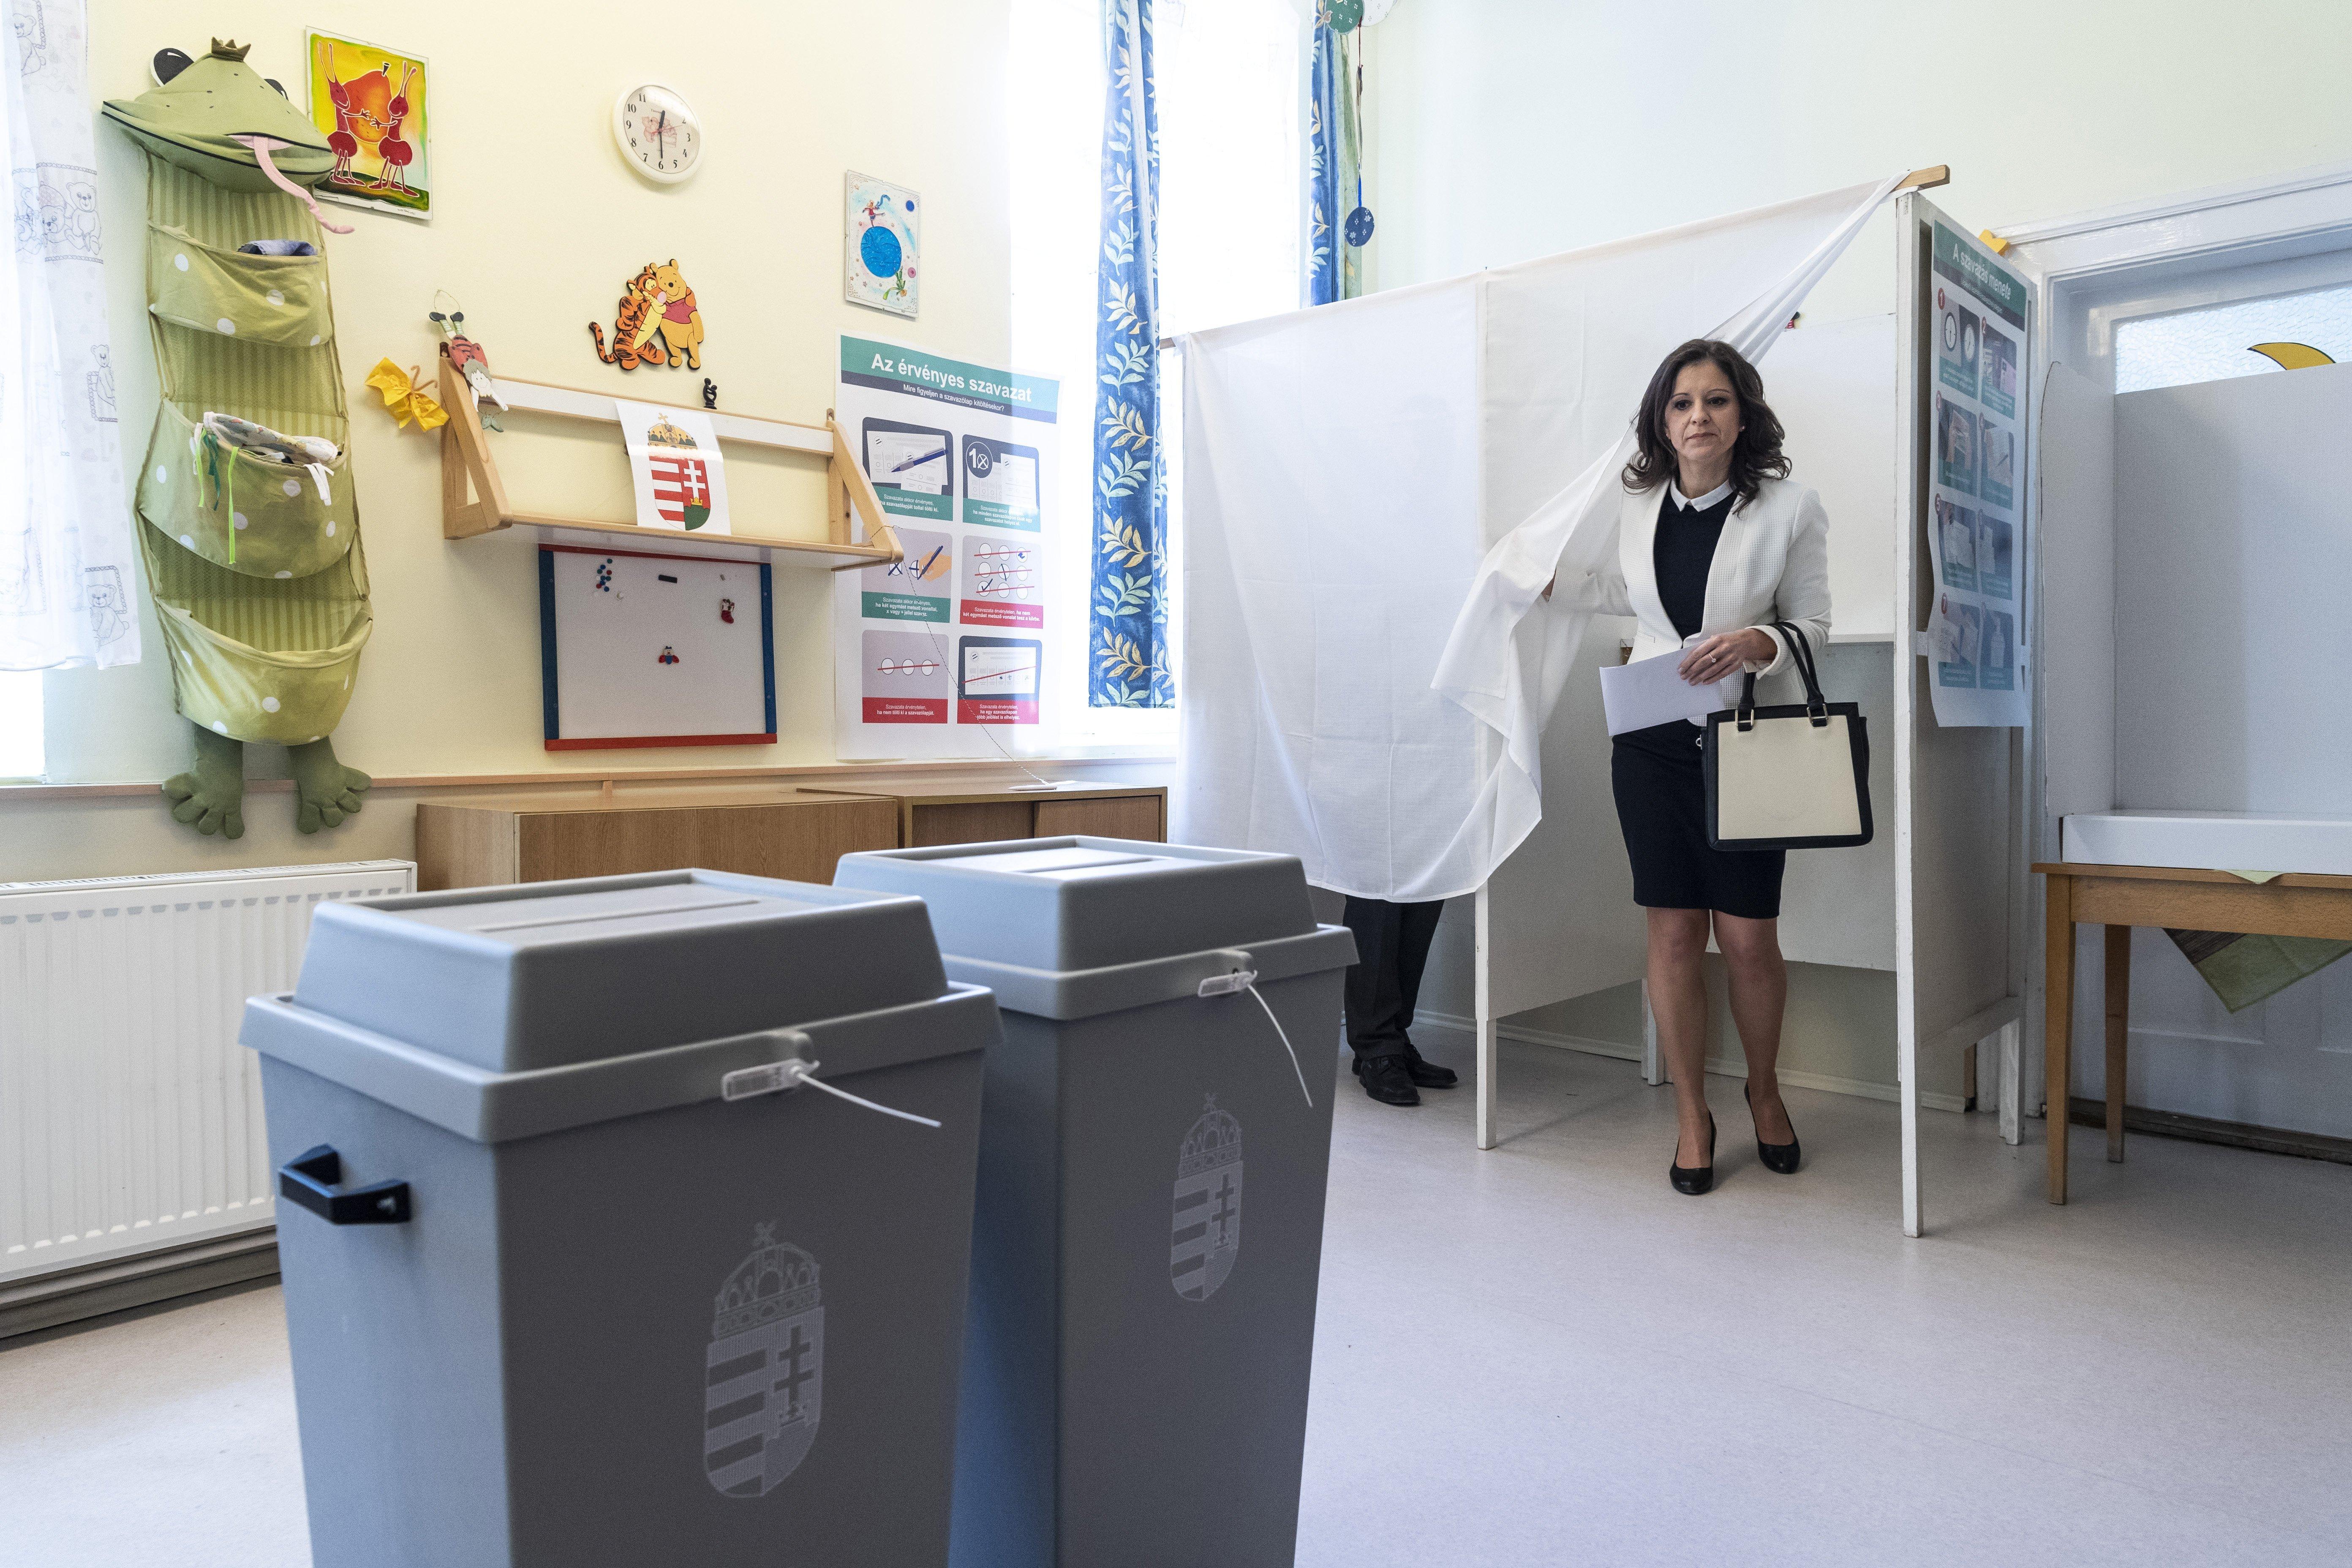 Index: Több szavazókörben is újraszámolják a szavazatokat